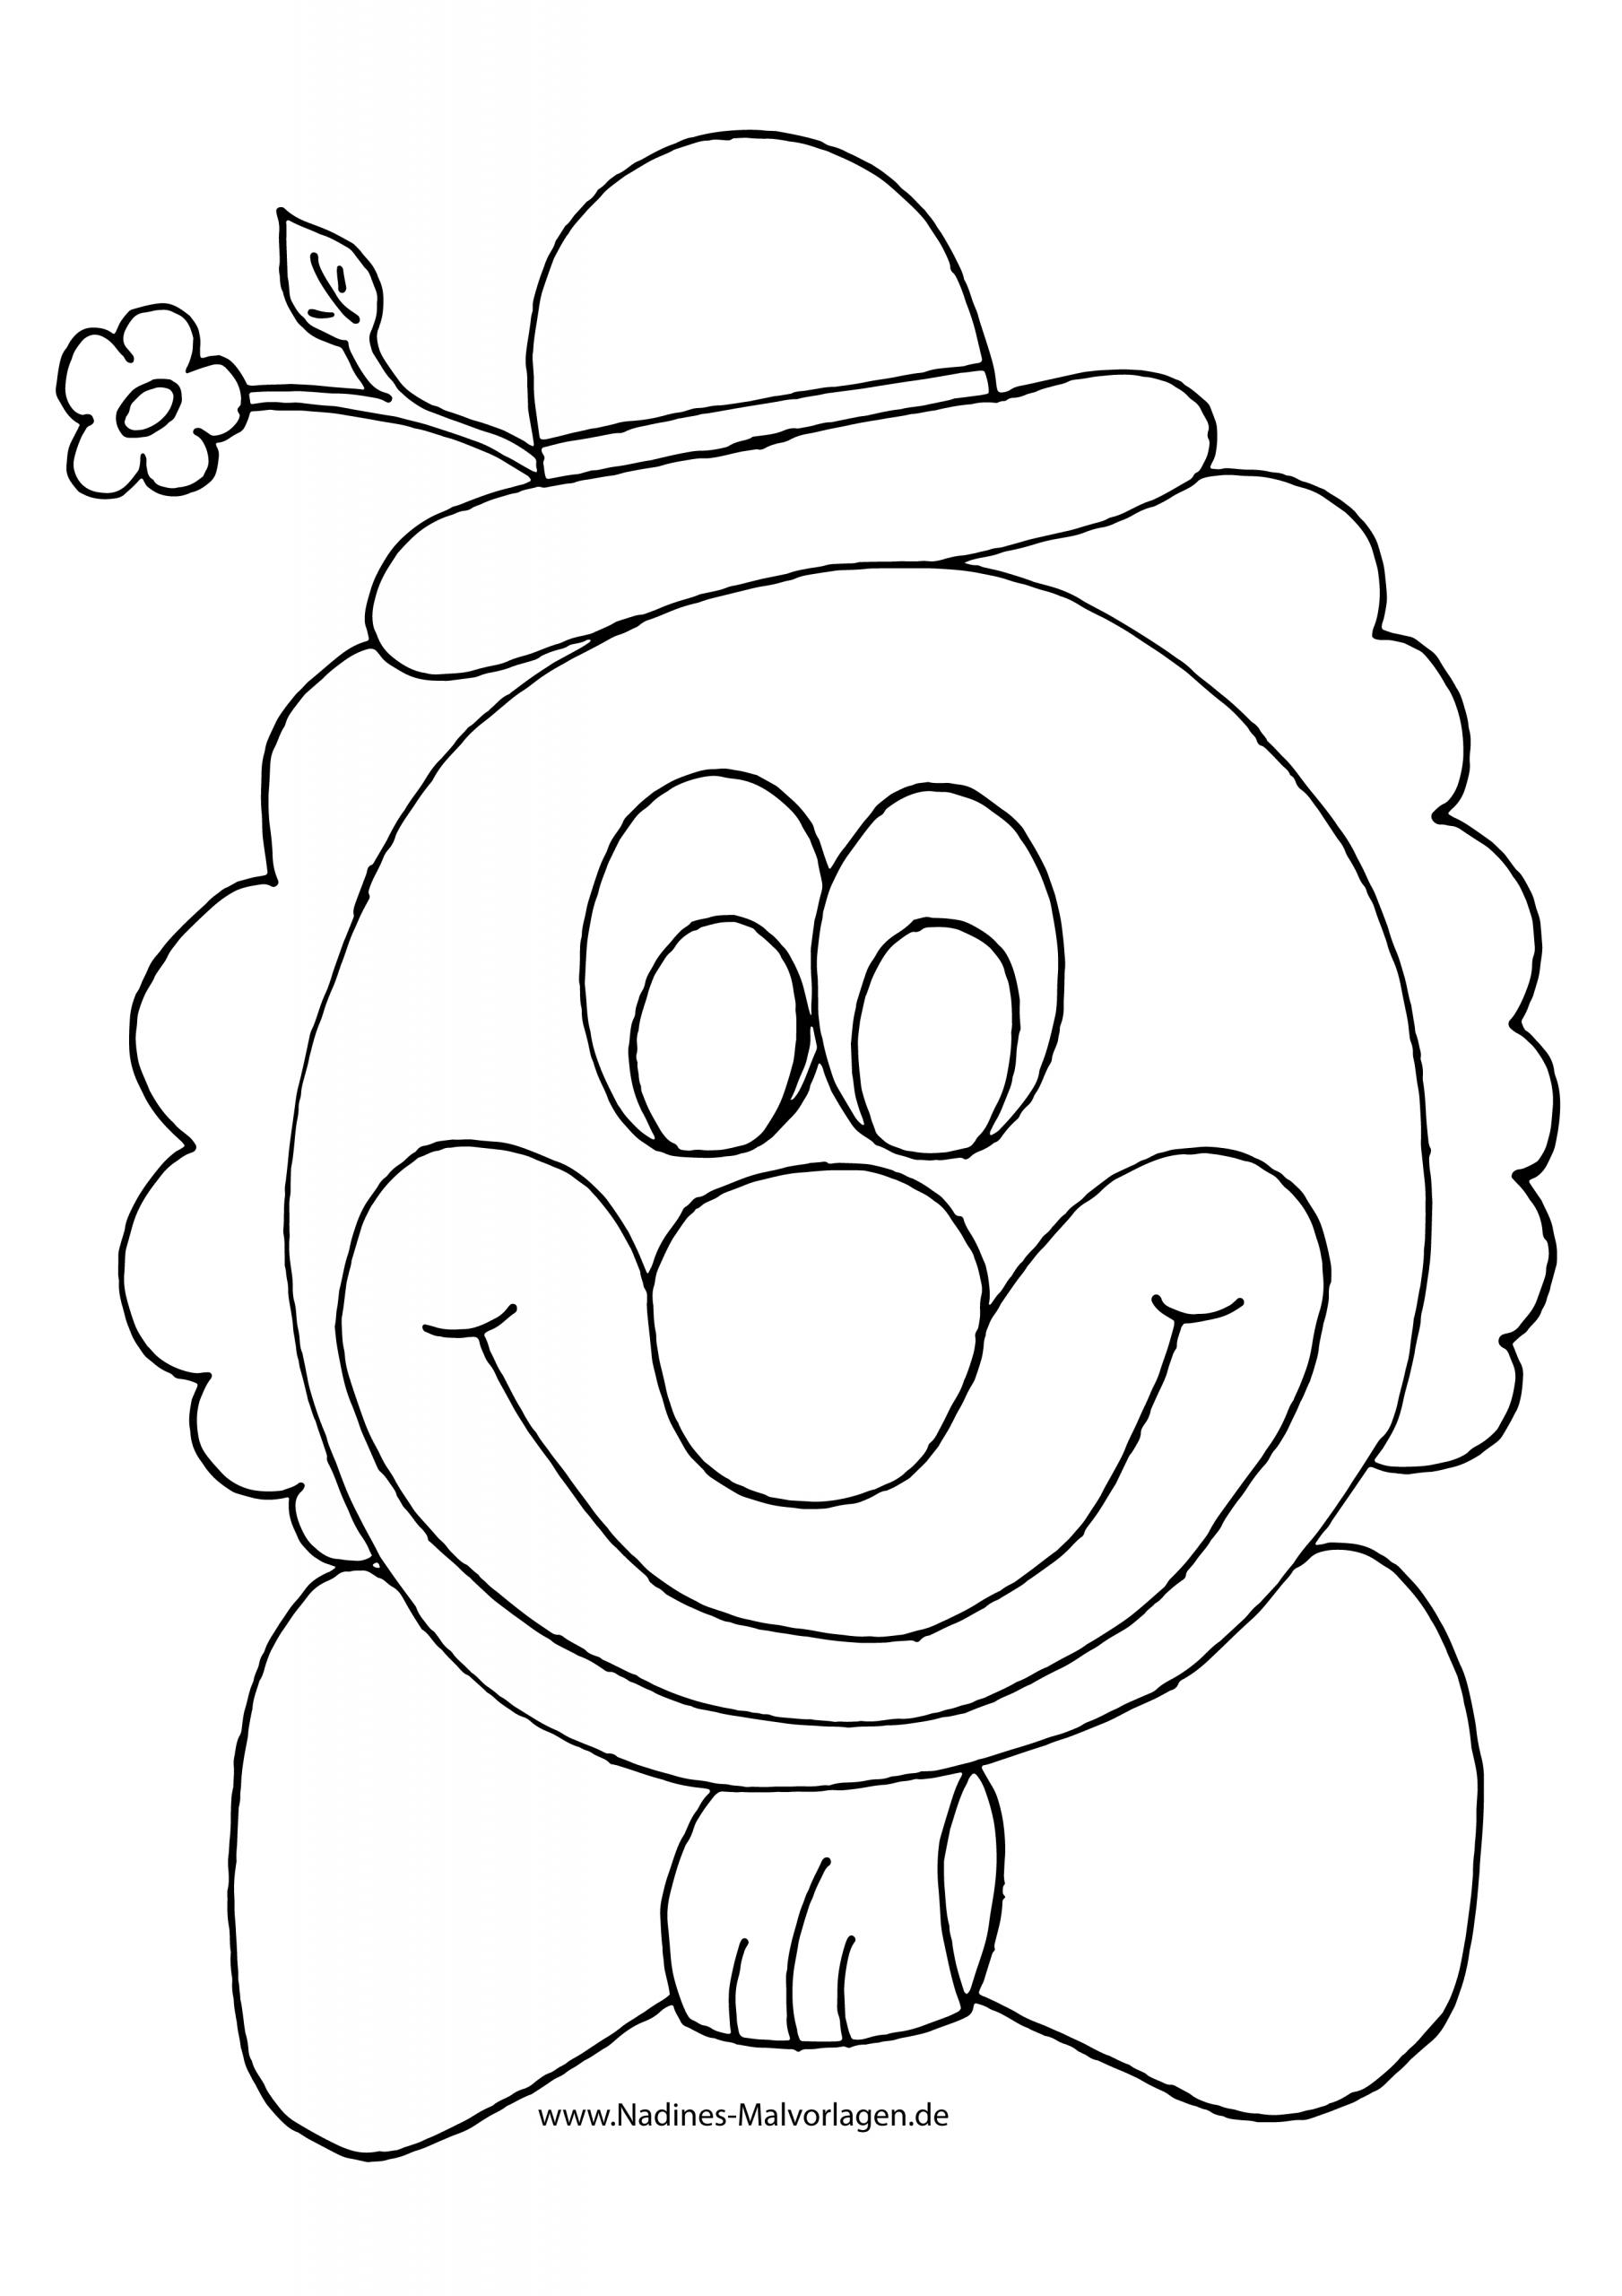 Clownsgesichter Malvorlagen di 10